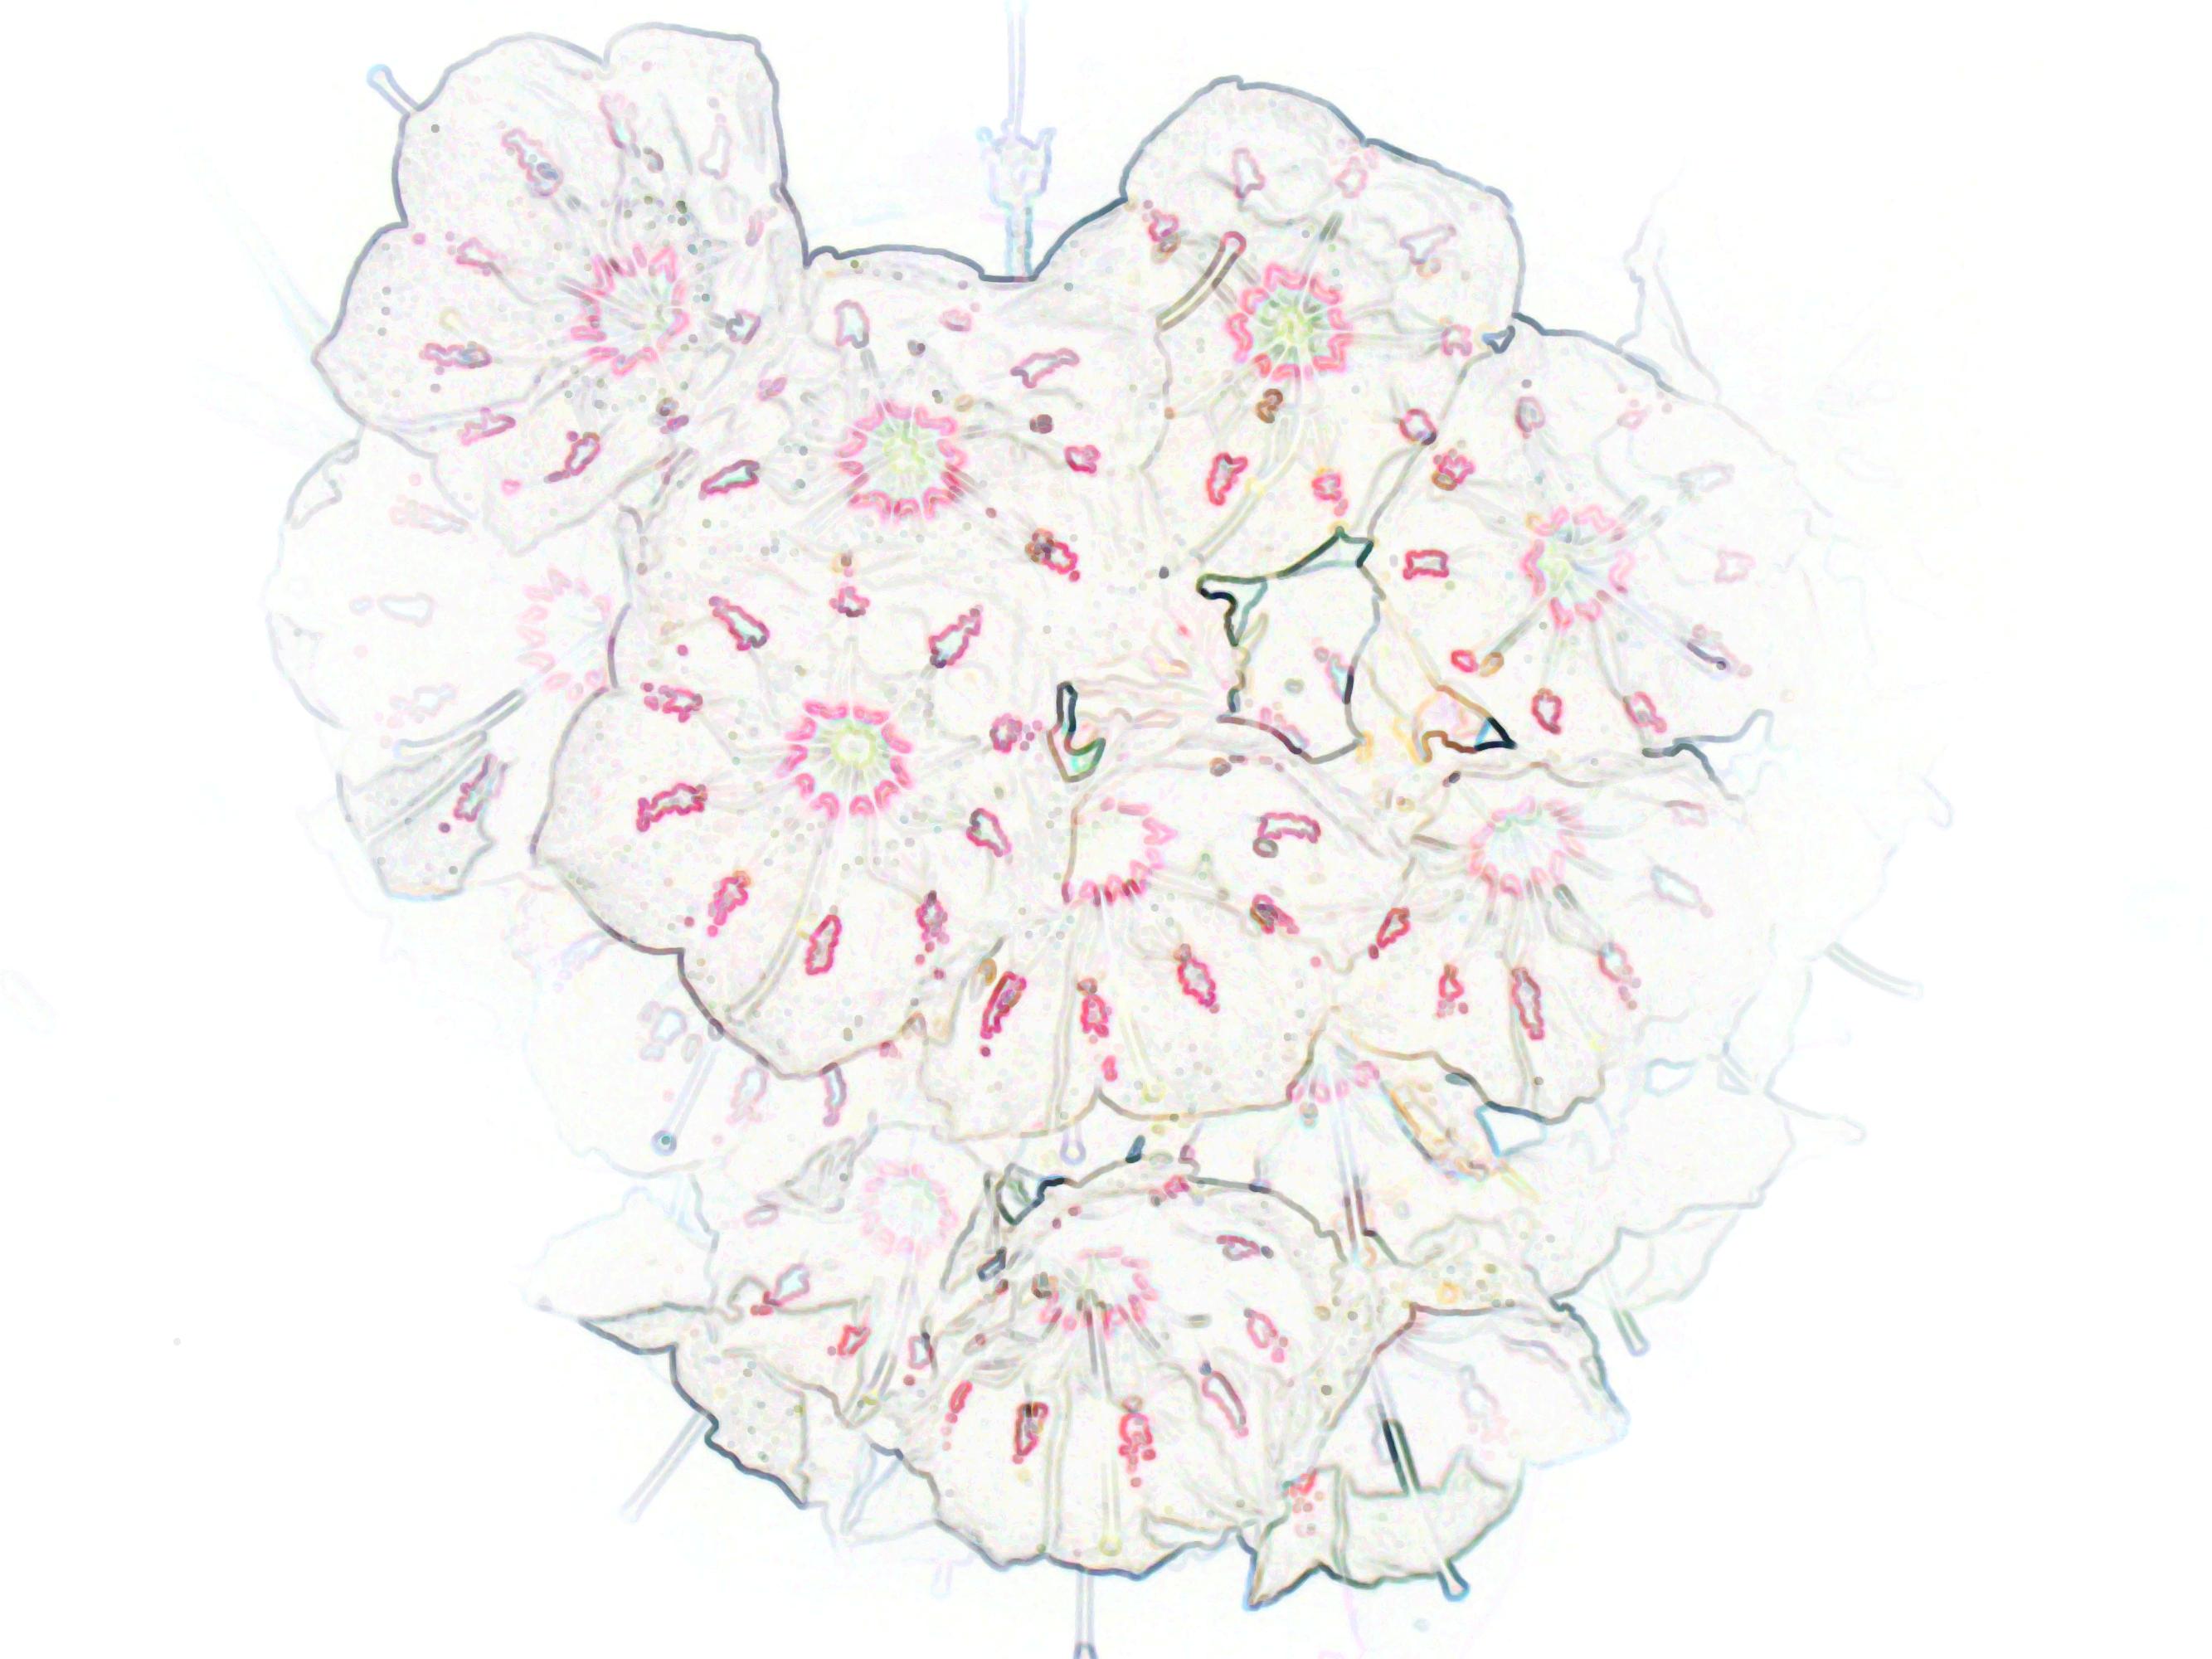 2667x2000 White Mountain Laurel Flowers Ii, Kalmia Gardens By Teri Leigh